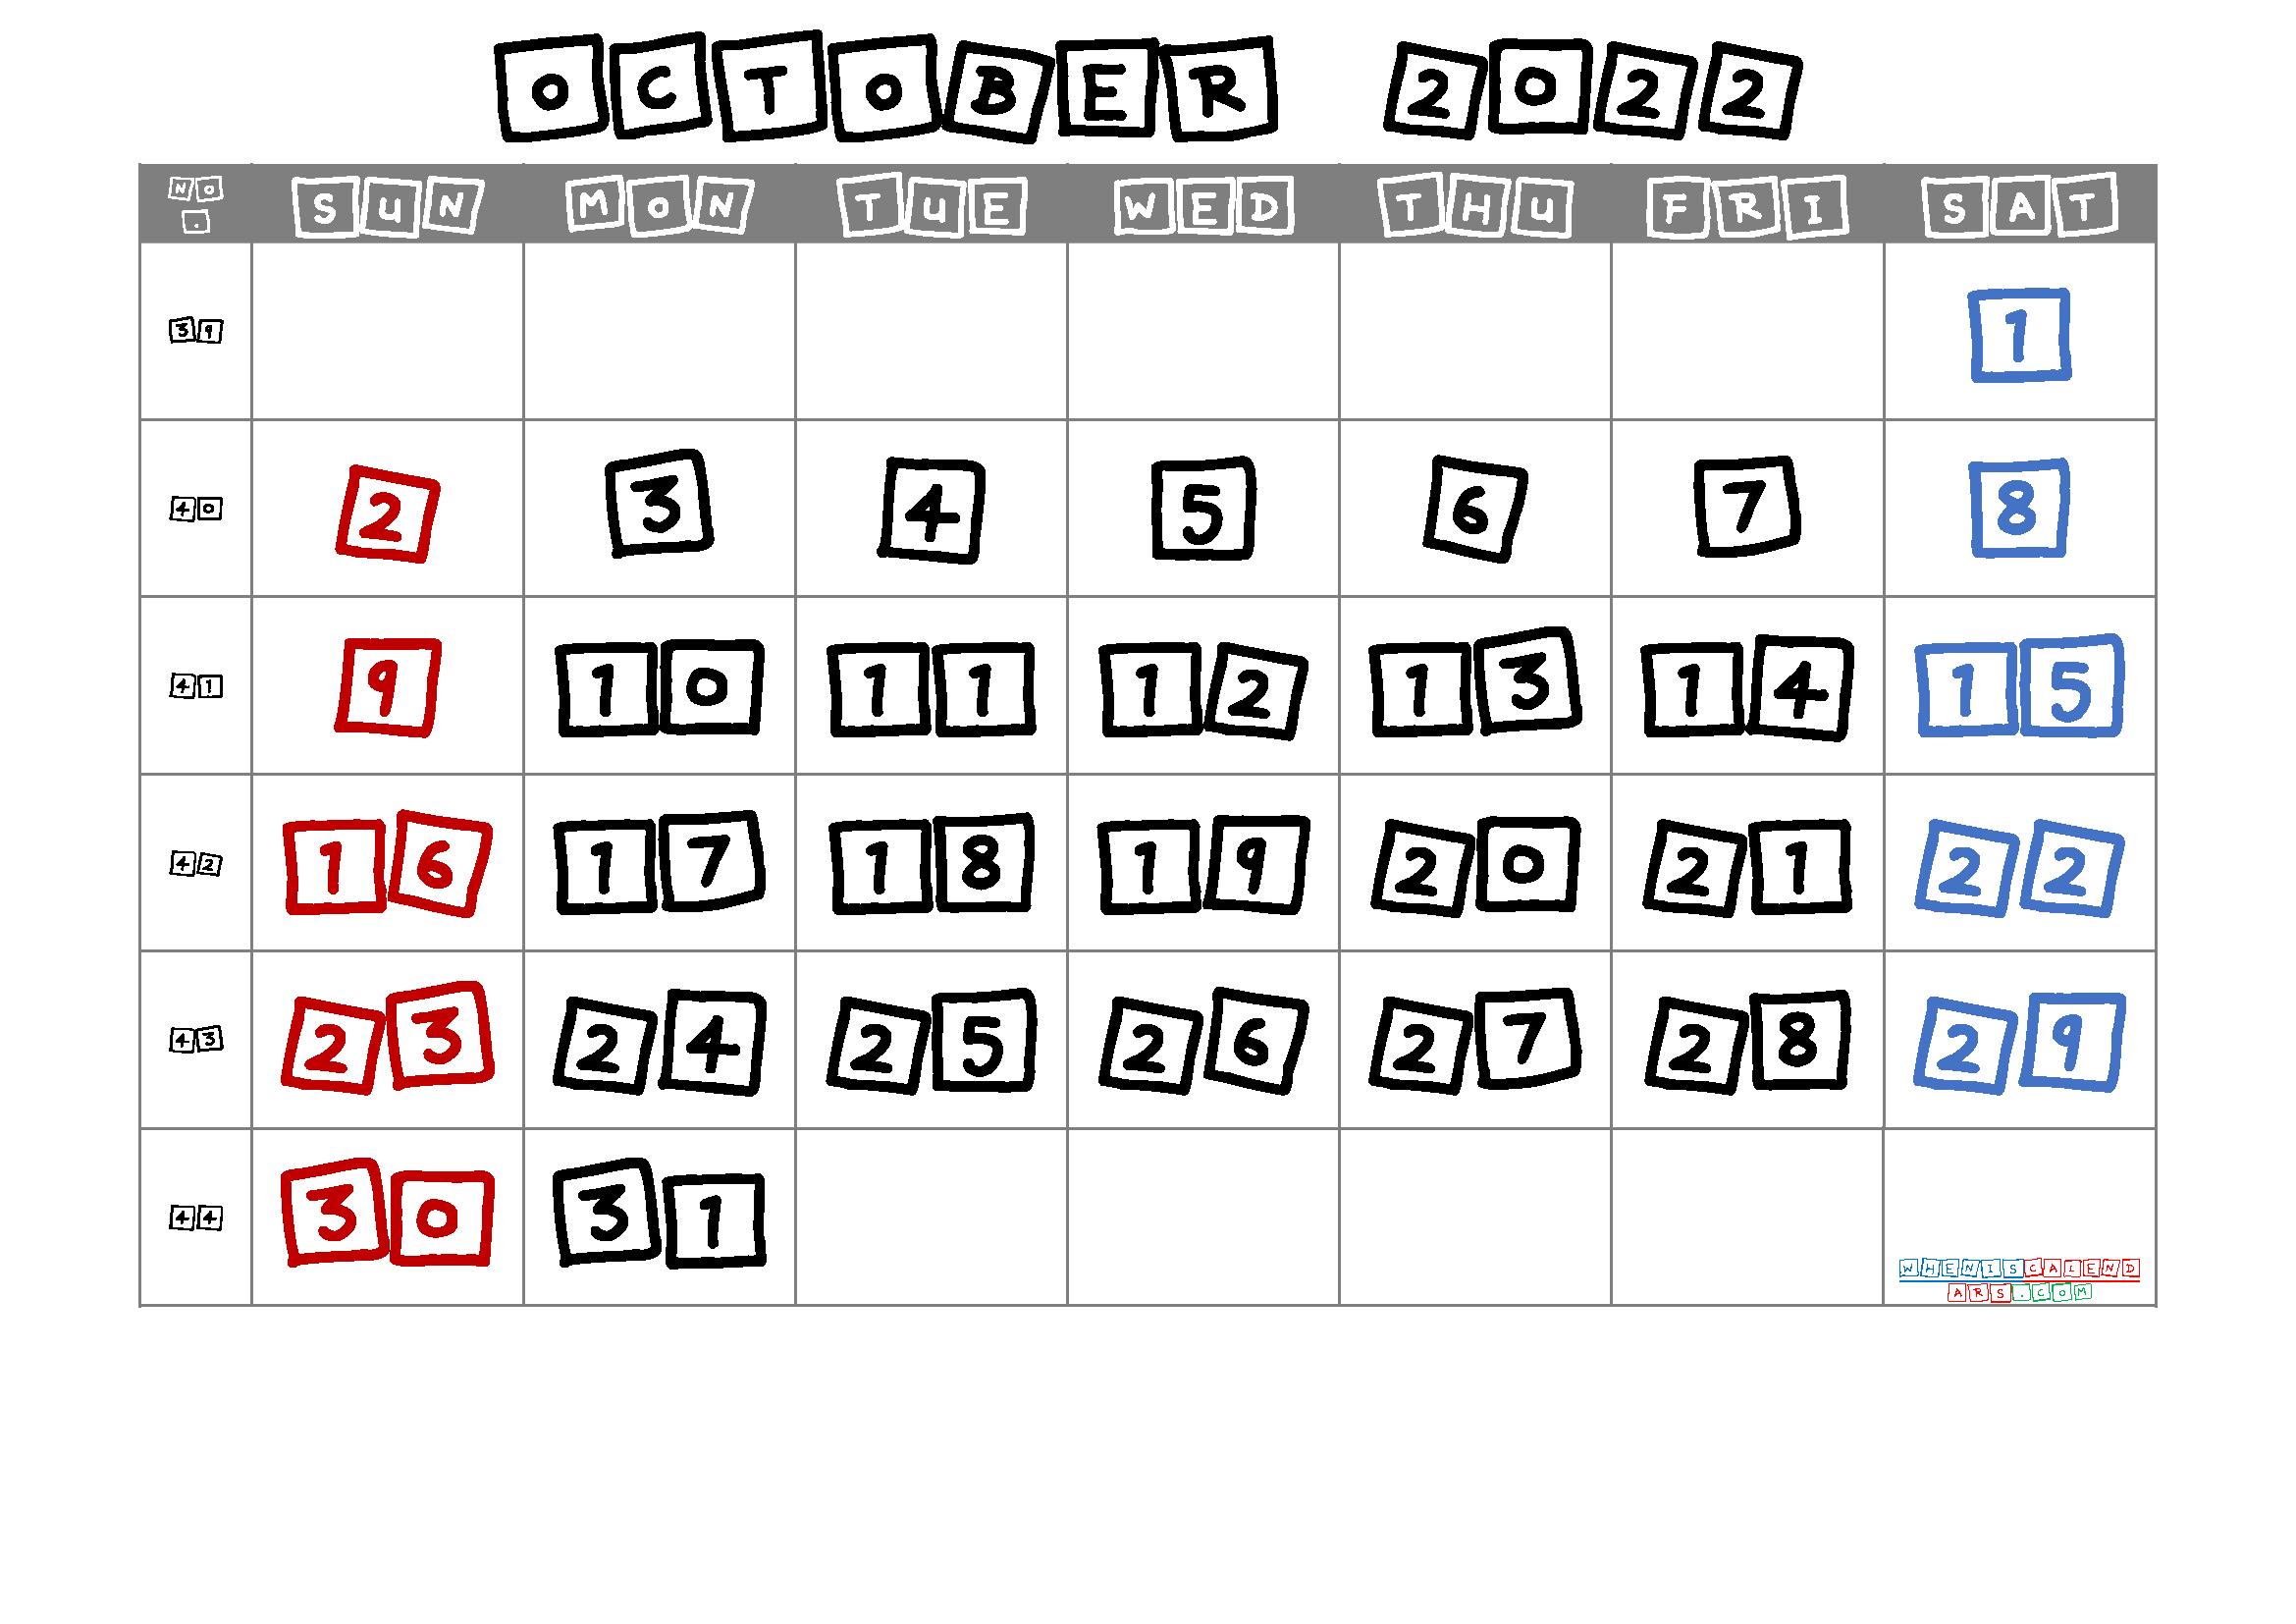 Free Printable October 2022 Calendar with Week Numbers